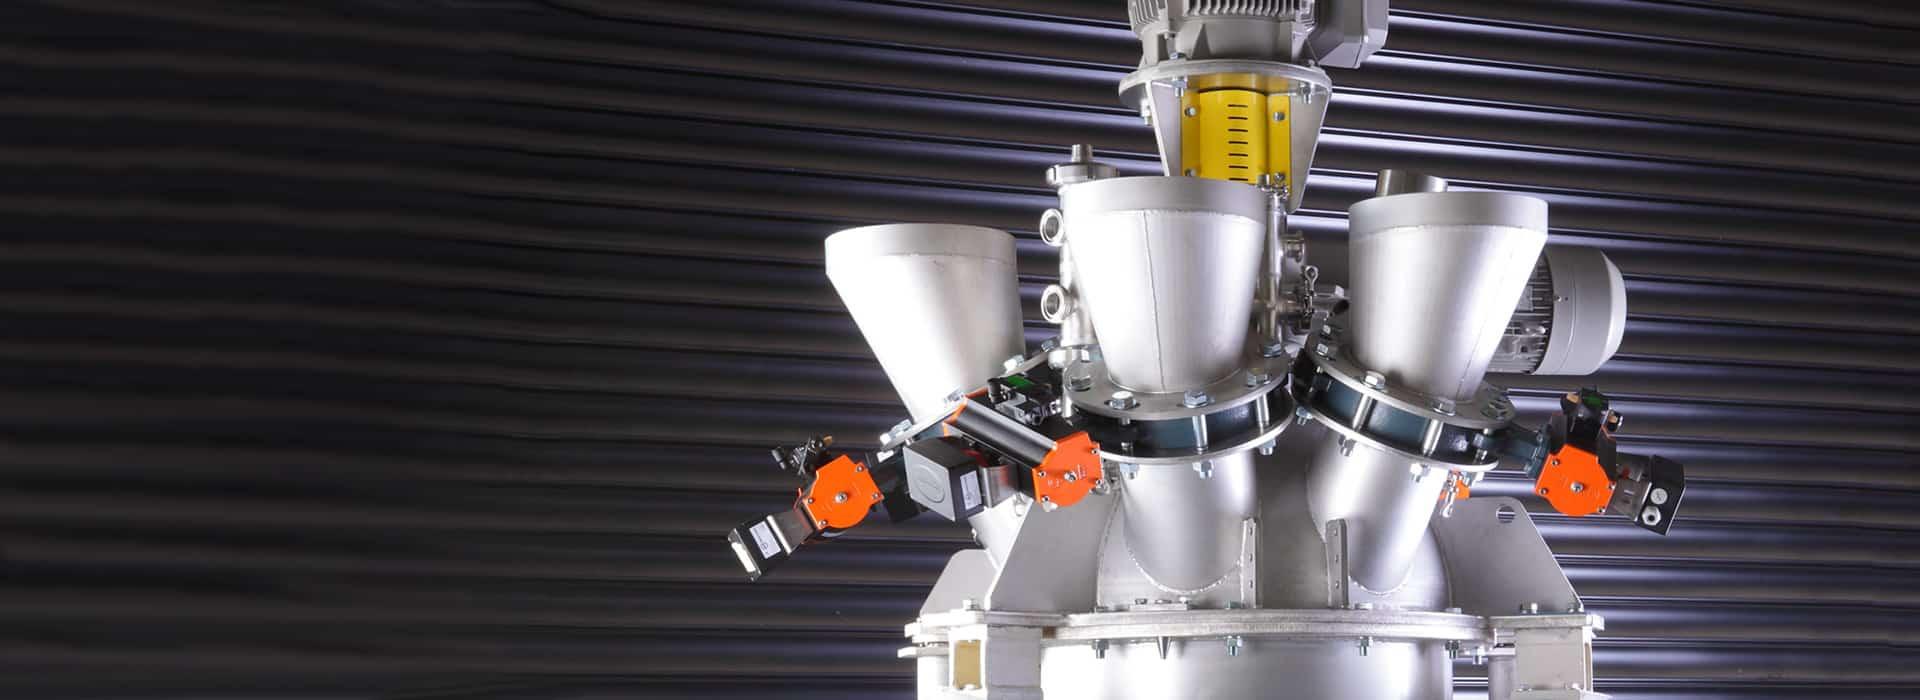 SOFRADEN, Fabricant de solutions de mélangeurs et agitateurs pour les industries de demain